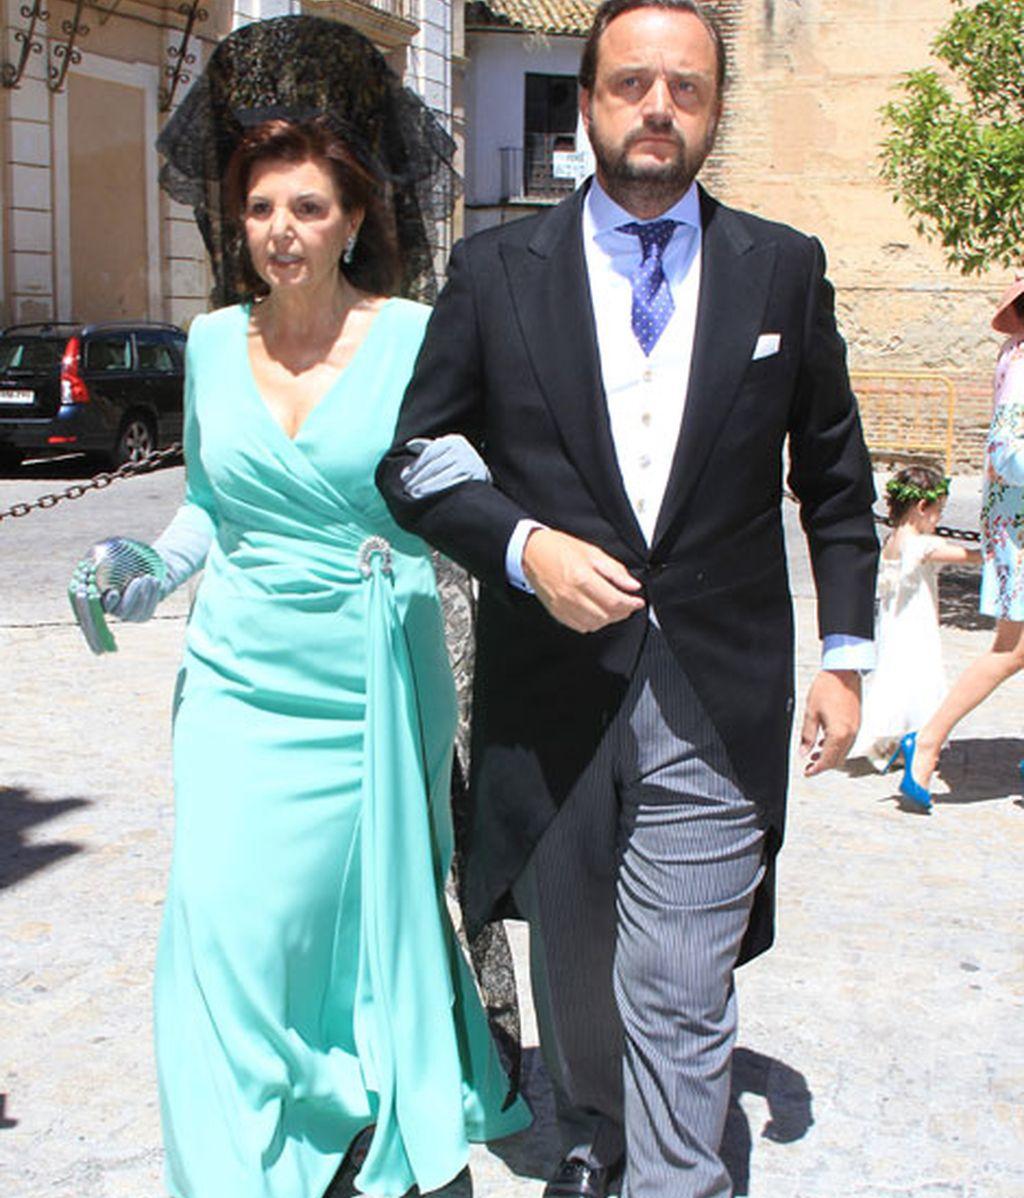 Bosco Torremocha acudió acompañado por su madrina a la iglesia